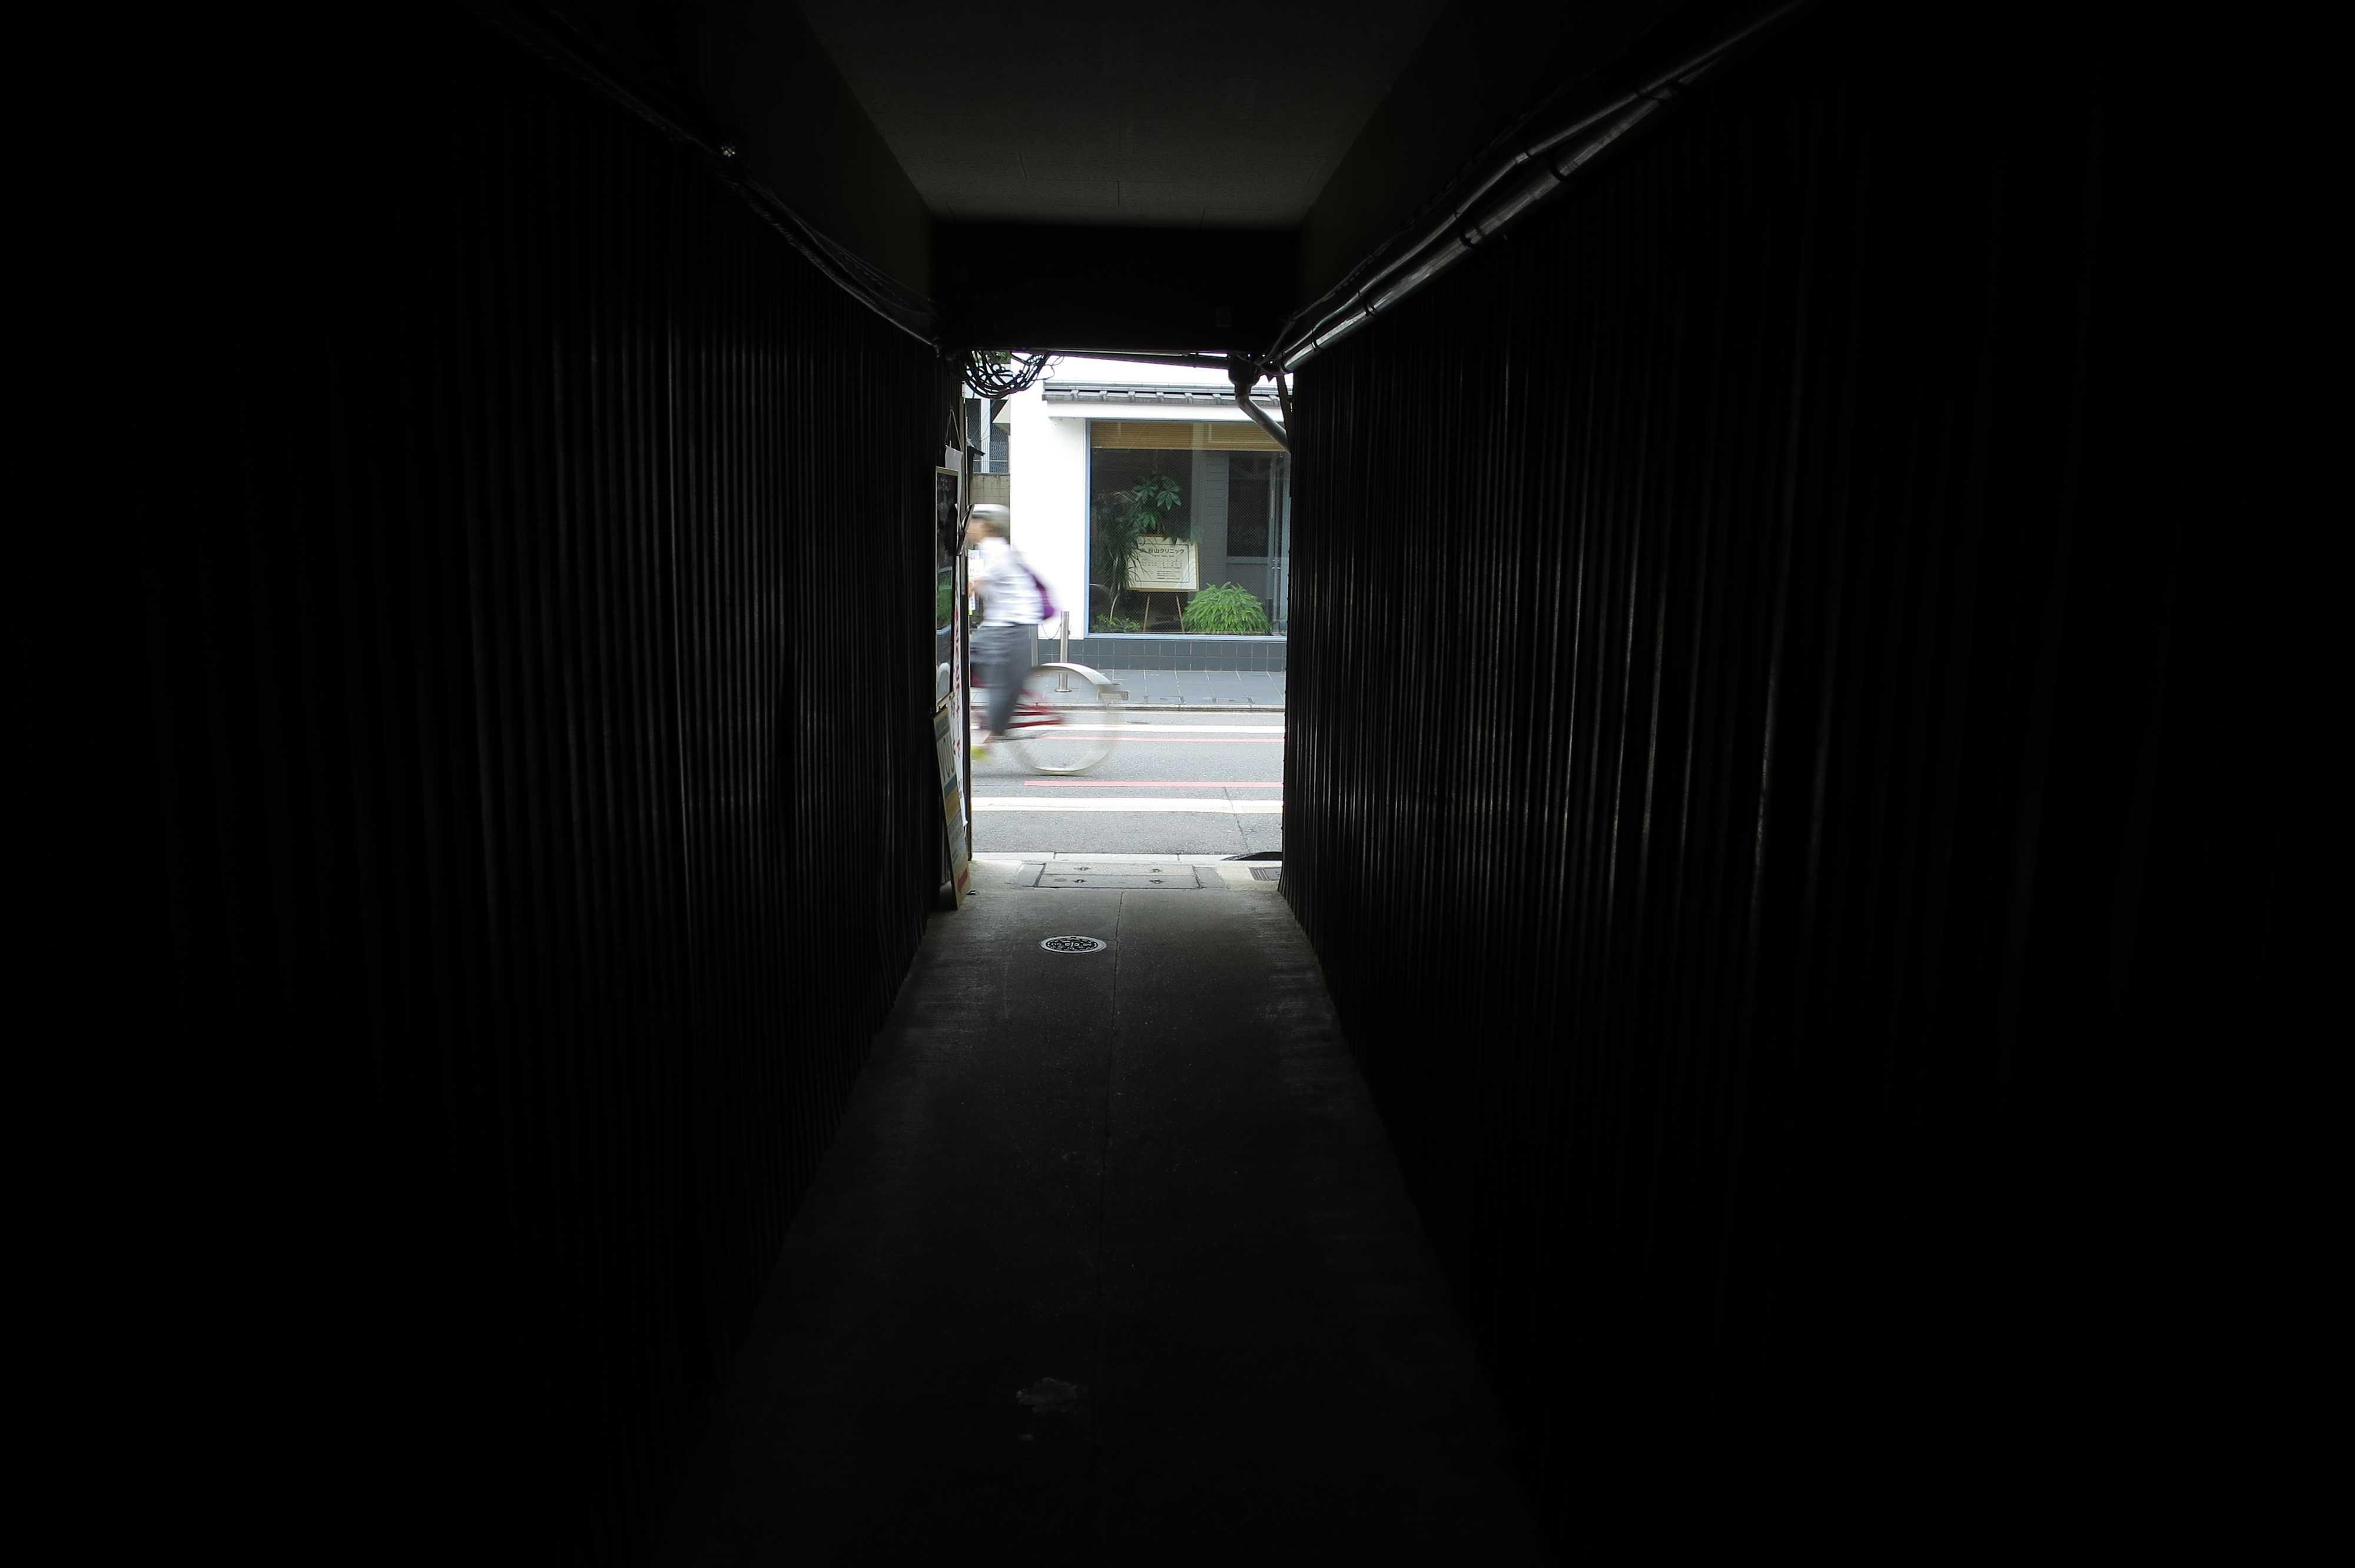 京都市内の路地裏の「家のトンネル」